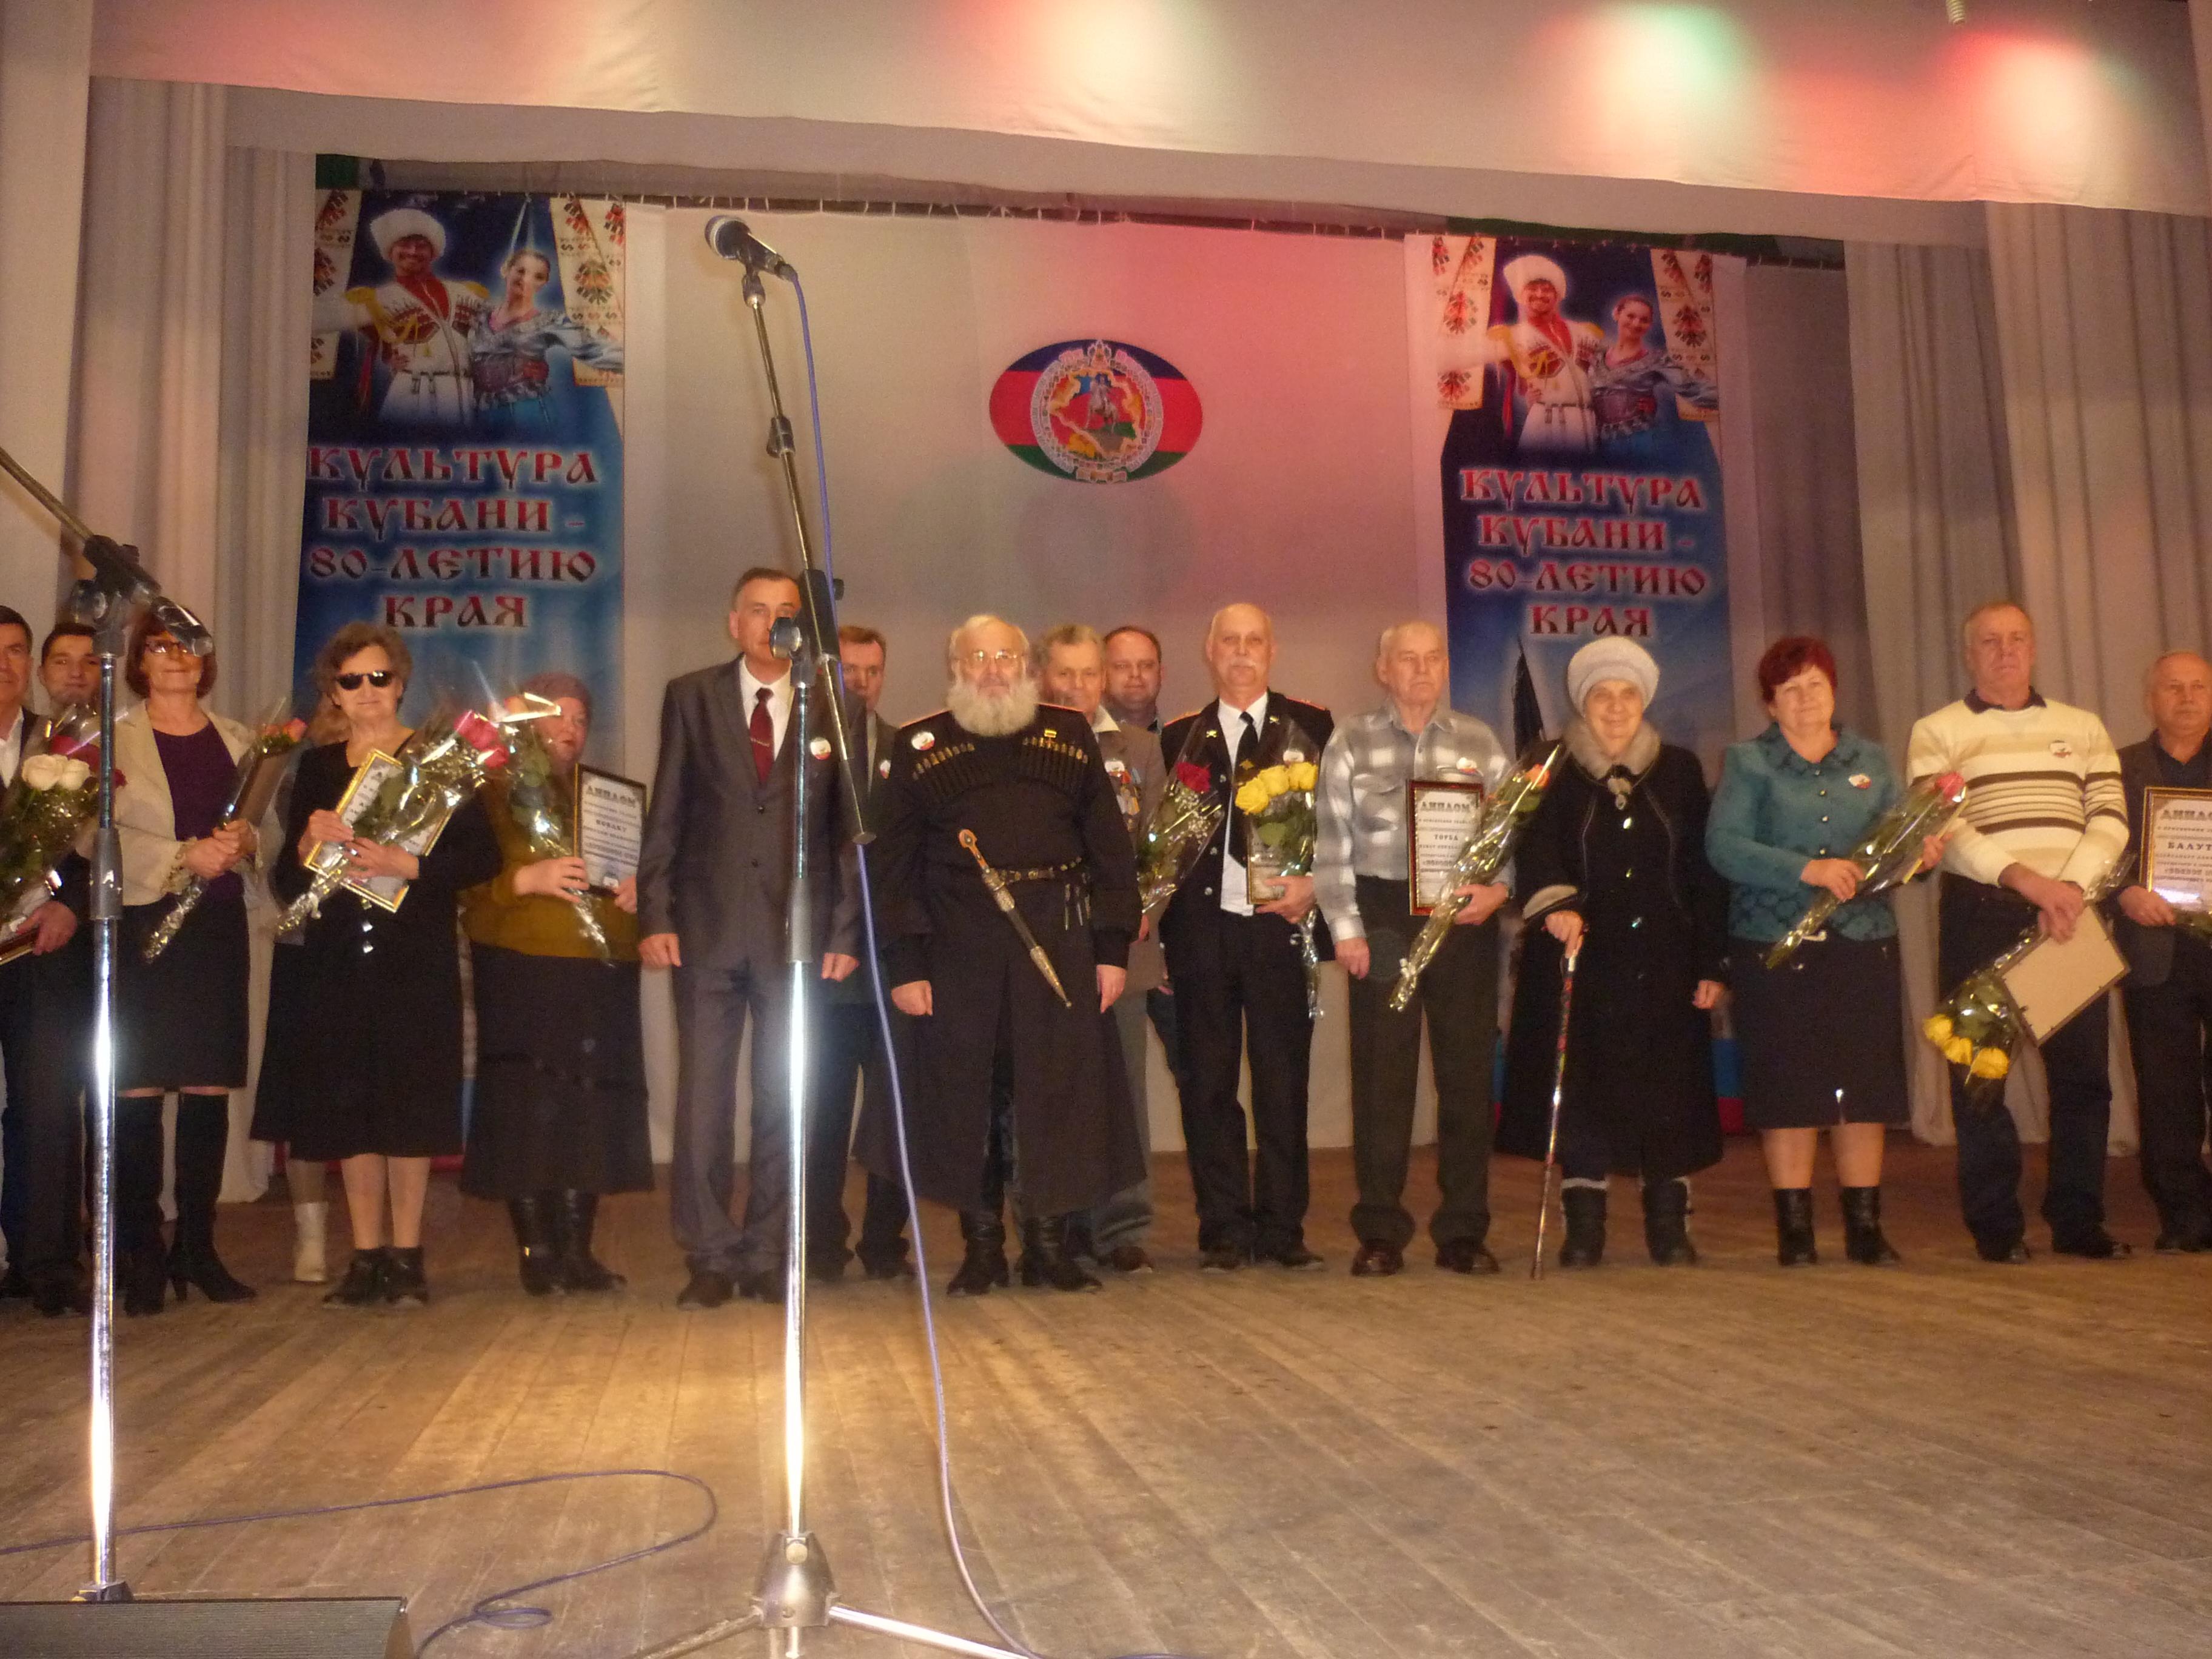 презентация к дню образования краснодарского края